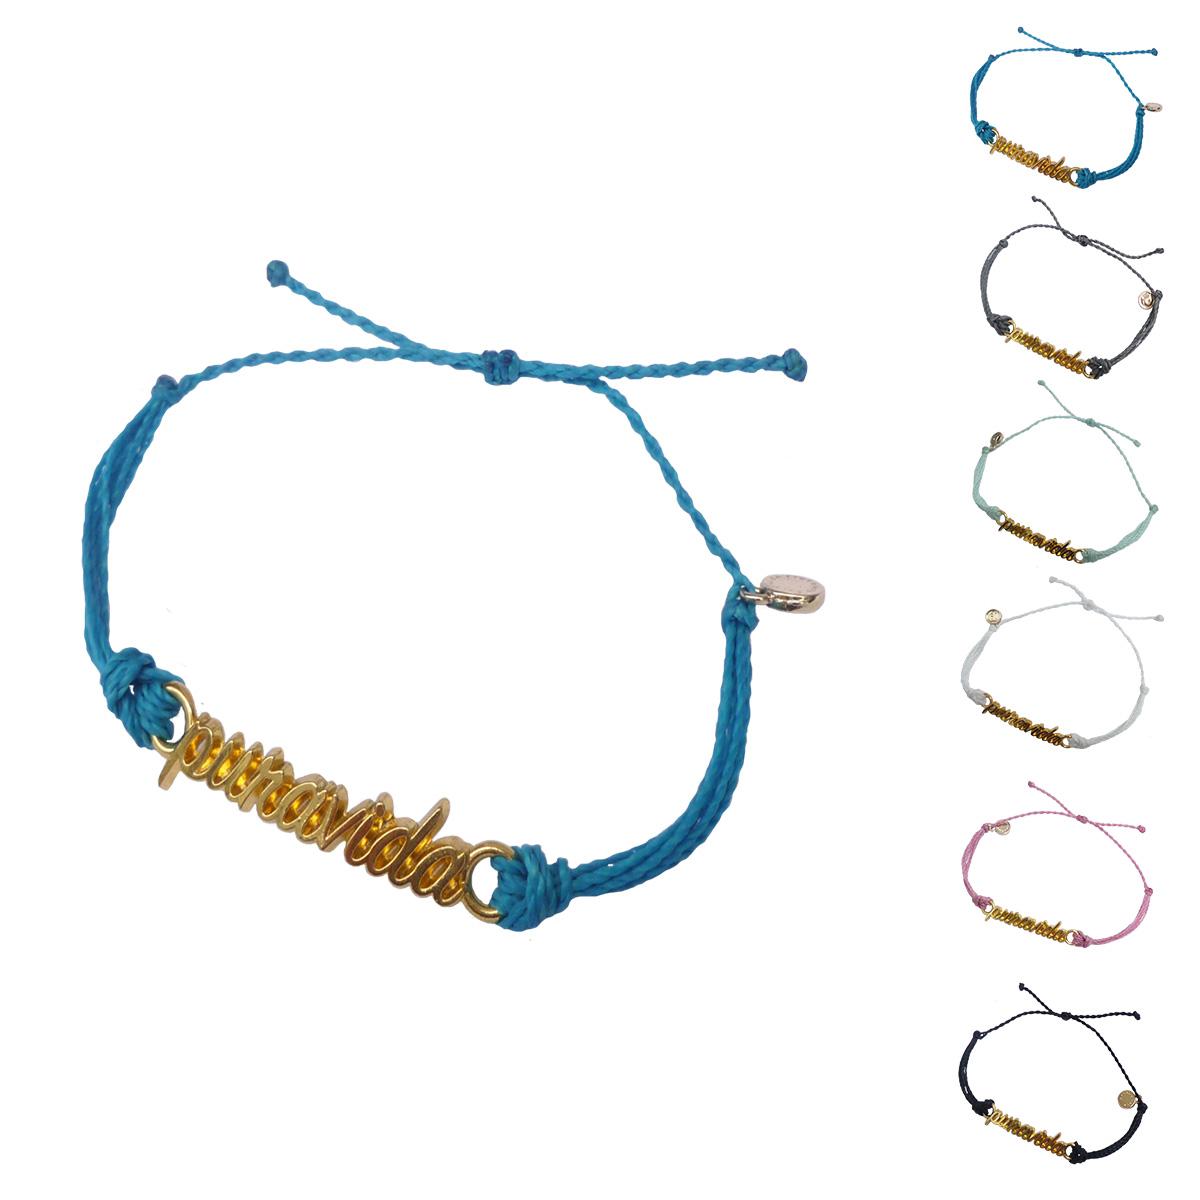 画像1: 【セール 80%OFF】puravida bracelets プラヴィダブレスレット GOLD WORD PURAVIDA 全6色 レディース/メンズ (1)